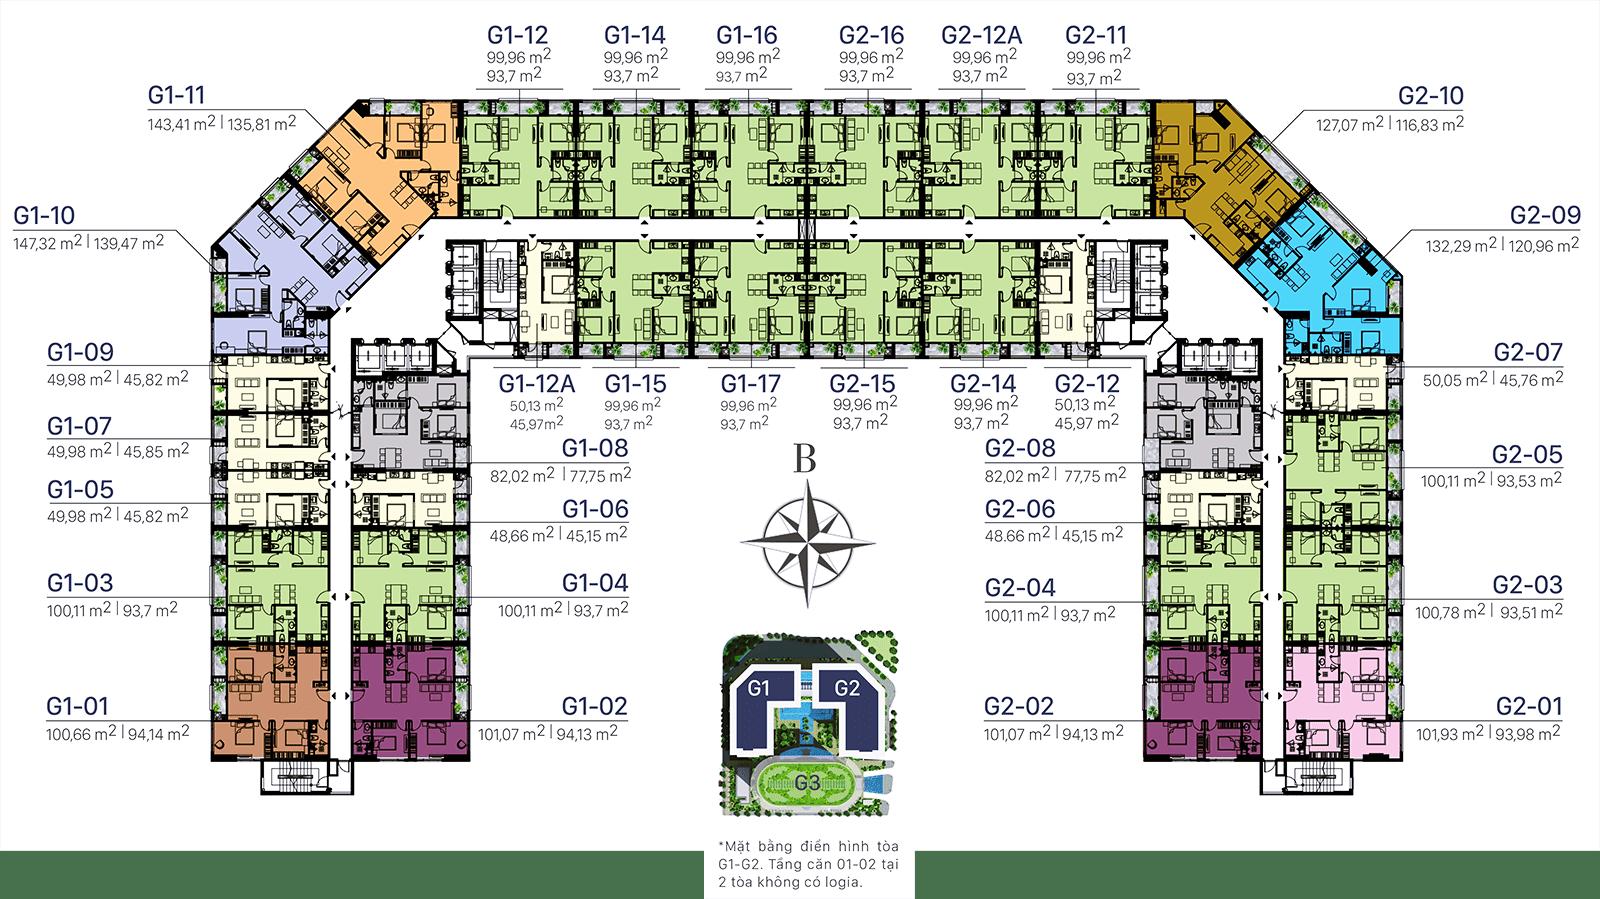 Mặt bằng điển hình toà G1 - G2: Tầng 9 & 29 và tầng 21 - 28